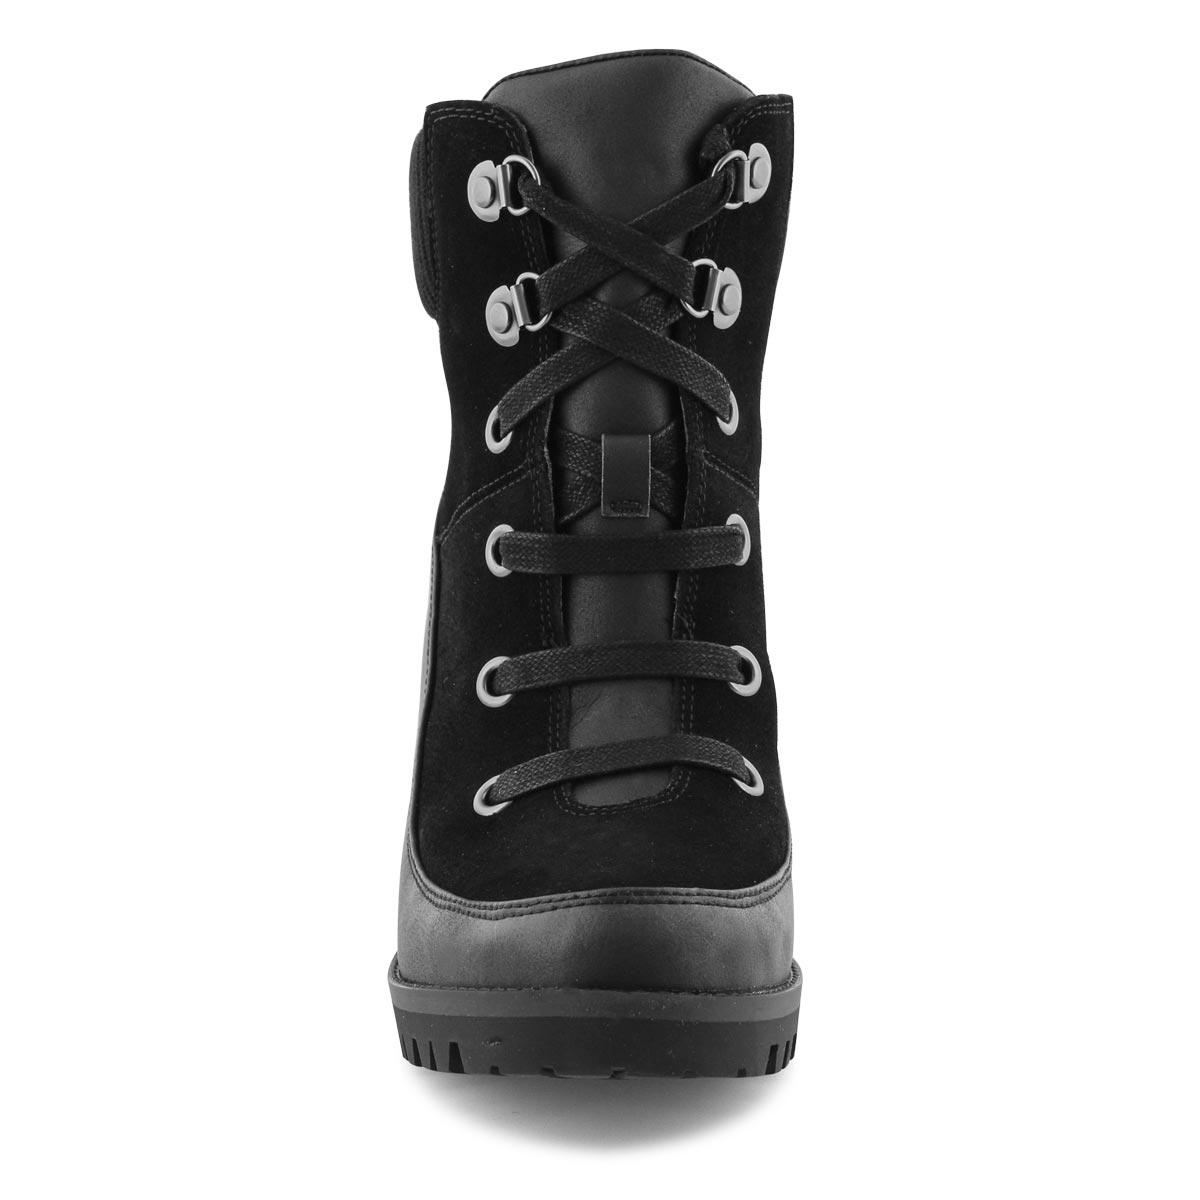 Women's REDWOOD black lace up heel boot